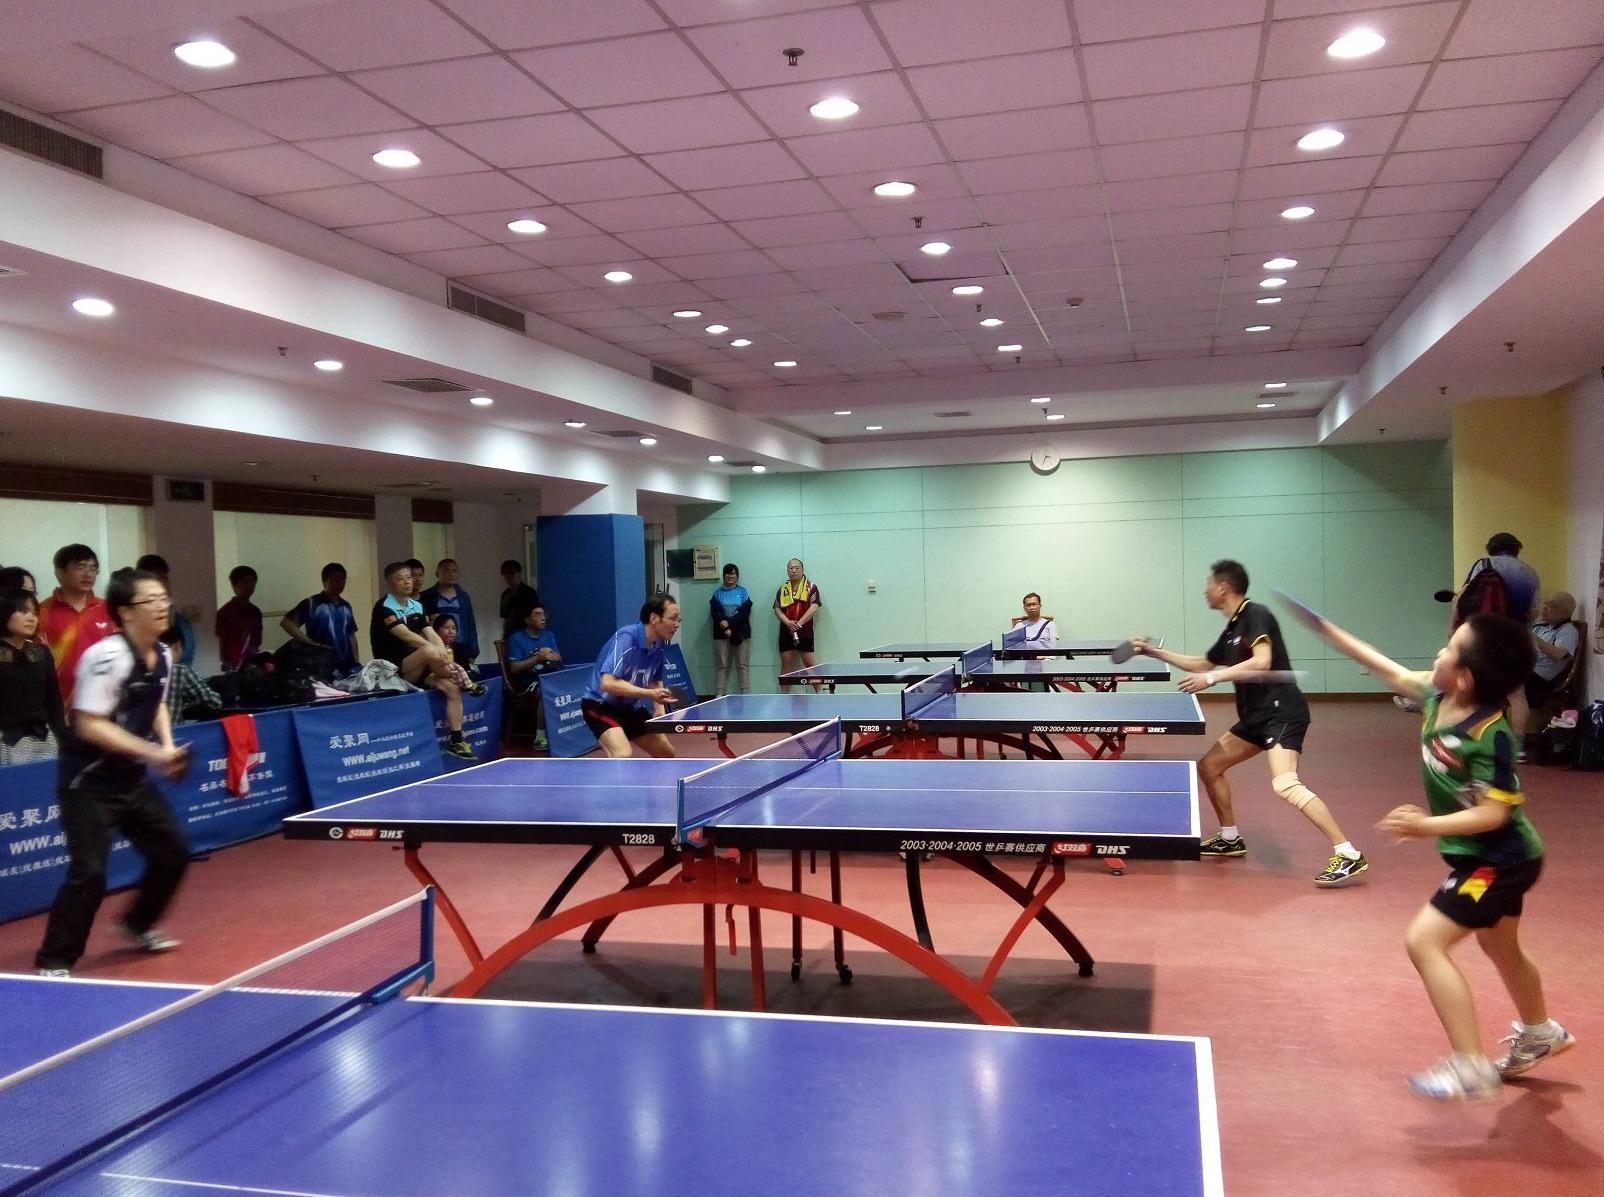 徐汇光大乒乓俱乐部1号周二晚上的活动报名